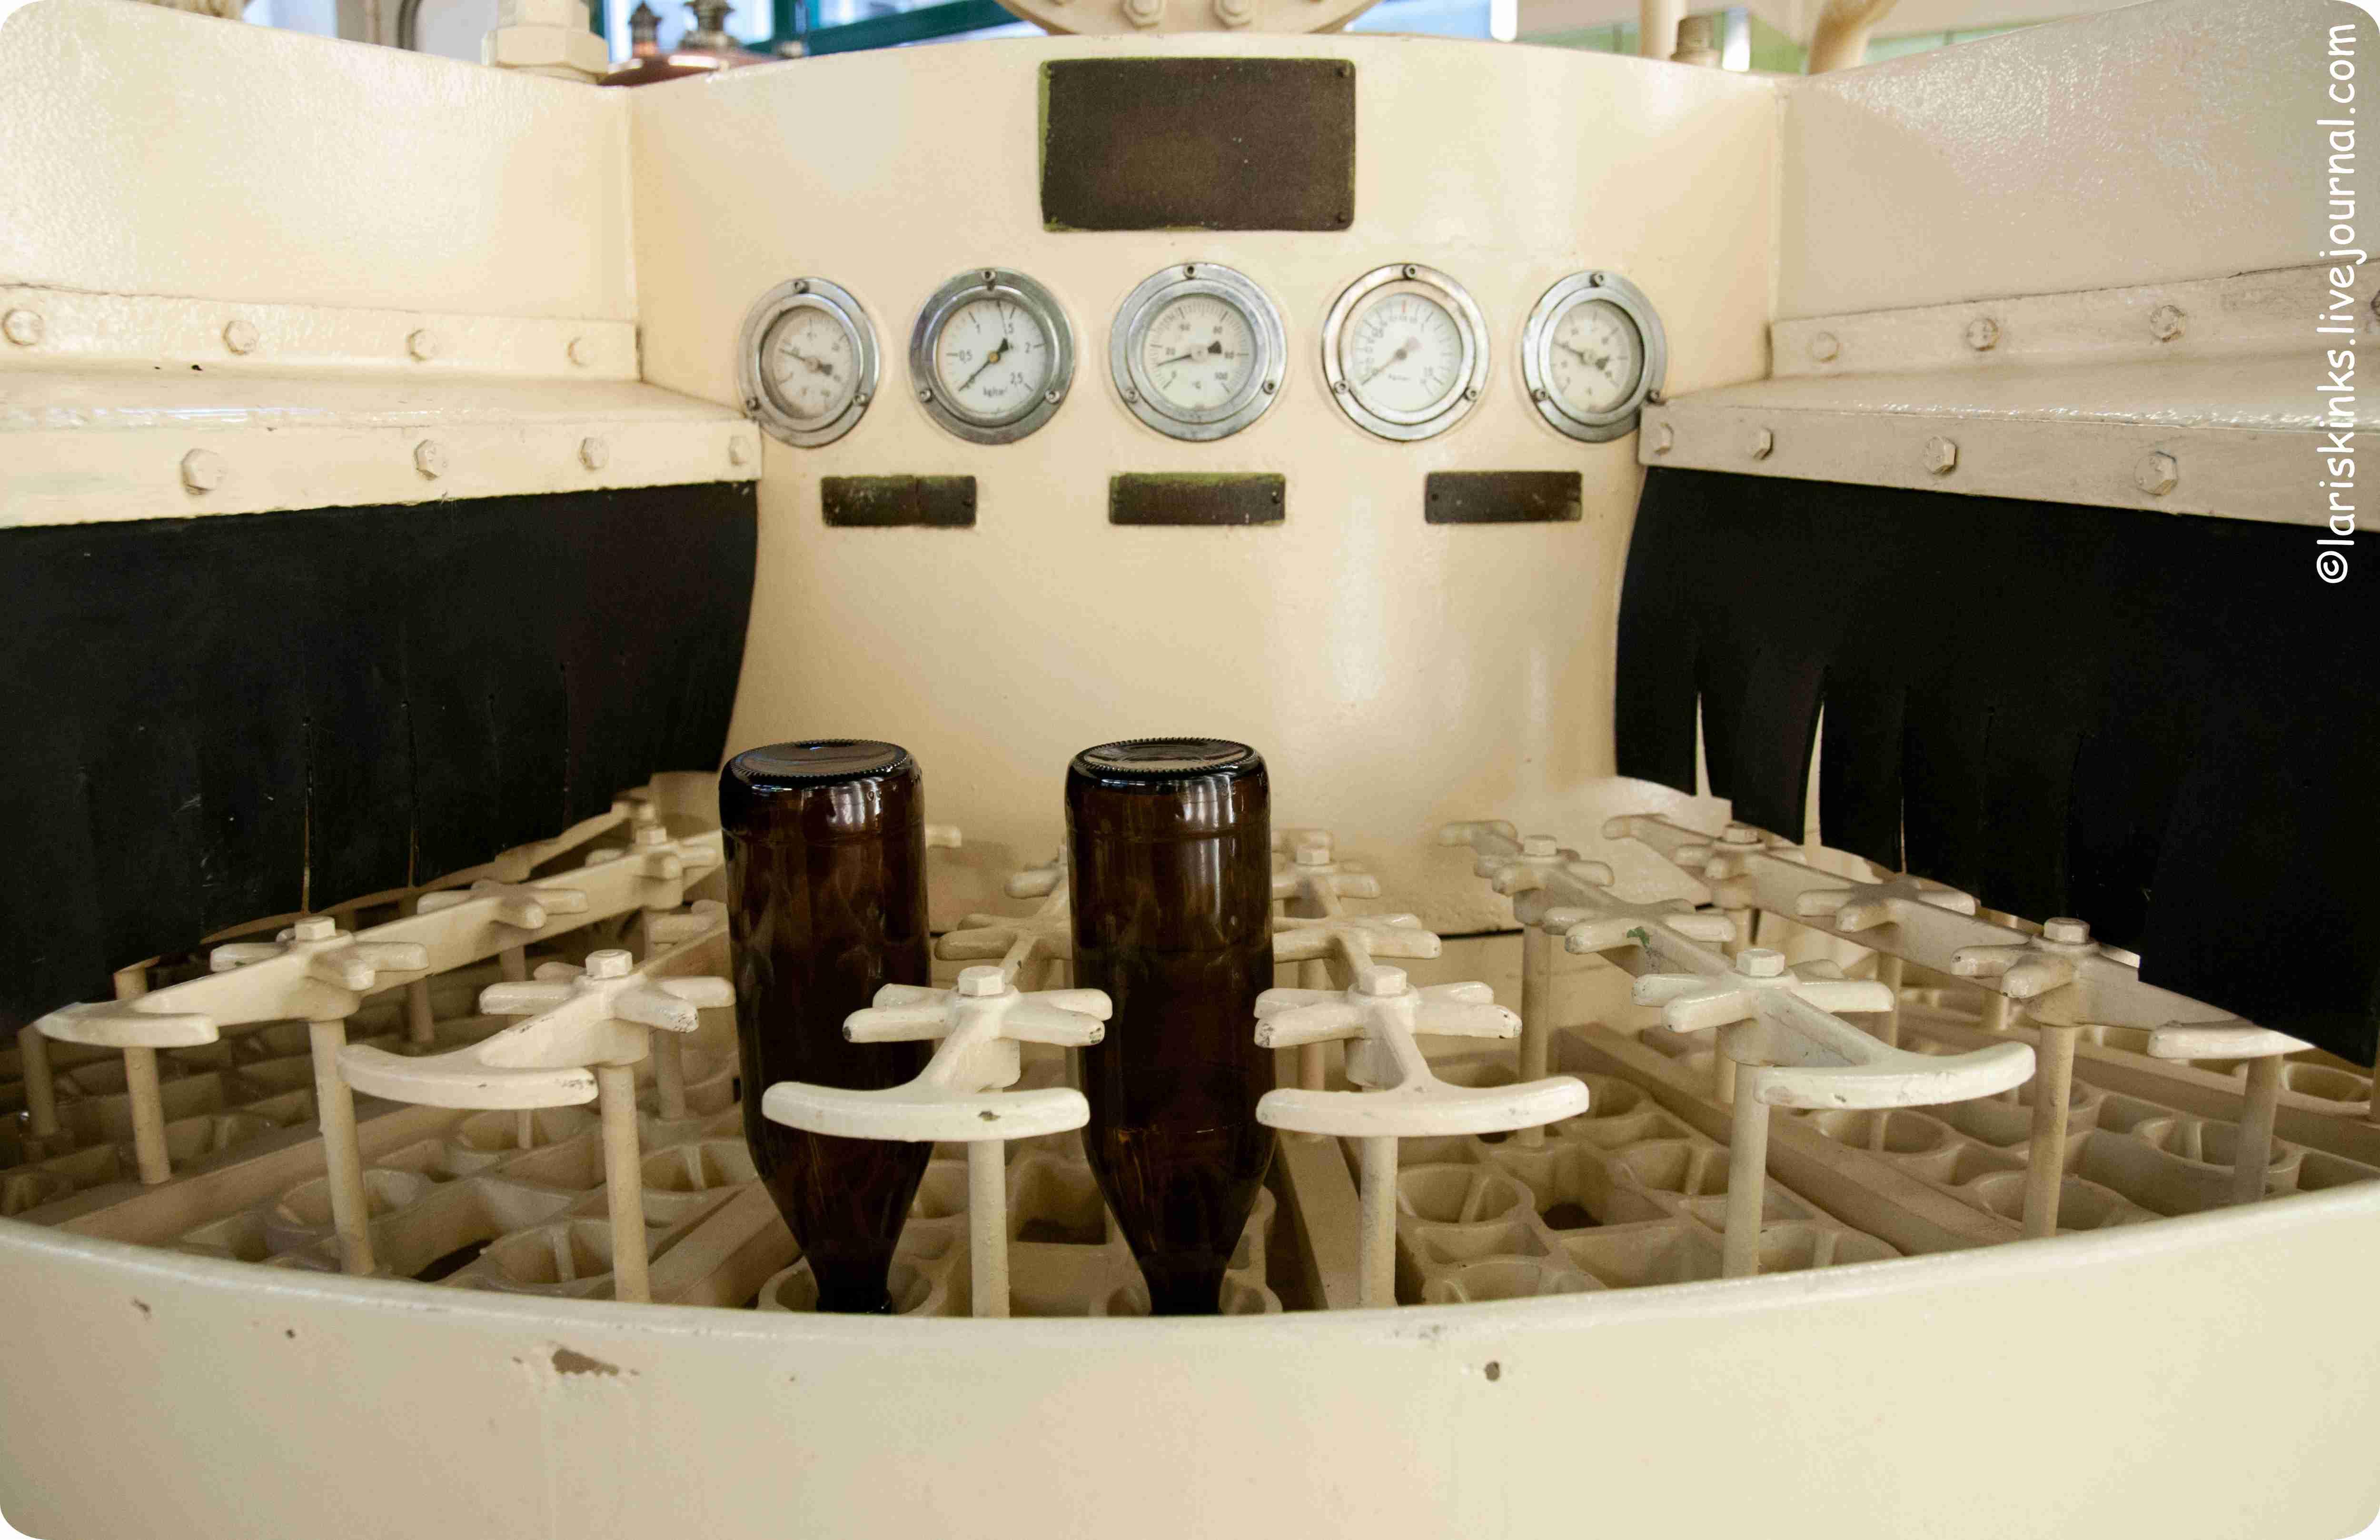 Элементы производства пива в Музее Пива (Дортмунд, Германия) 04